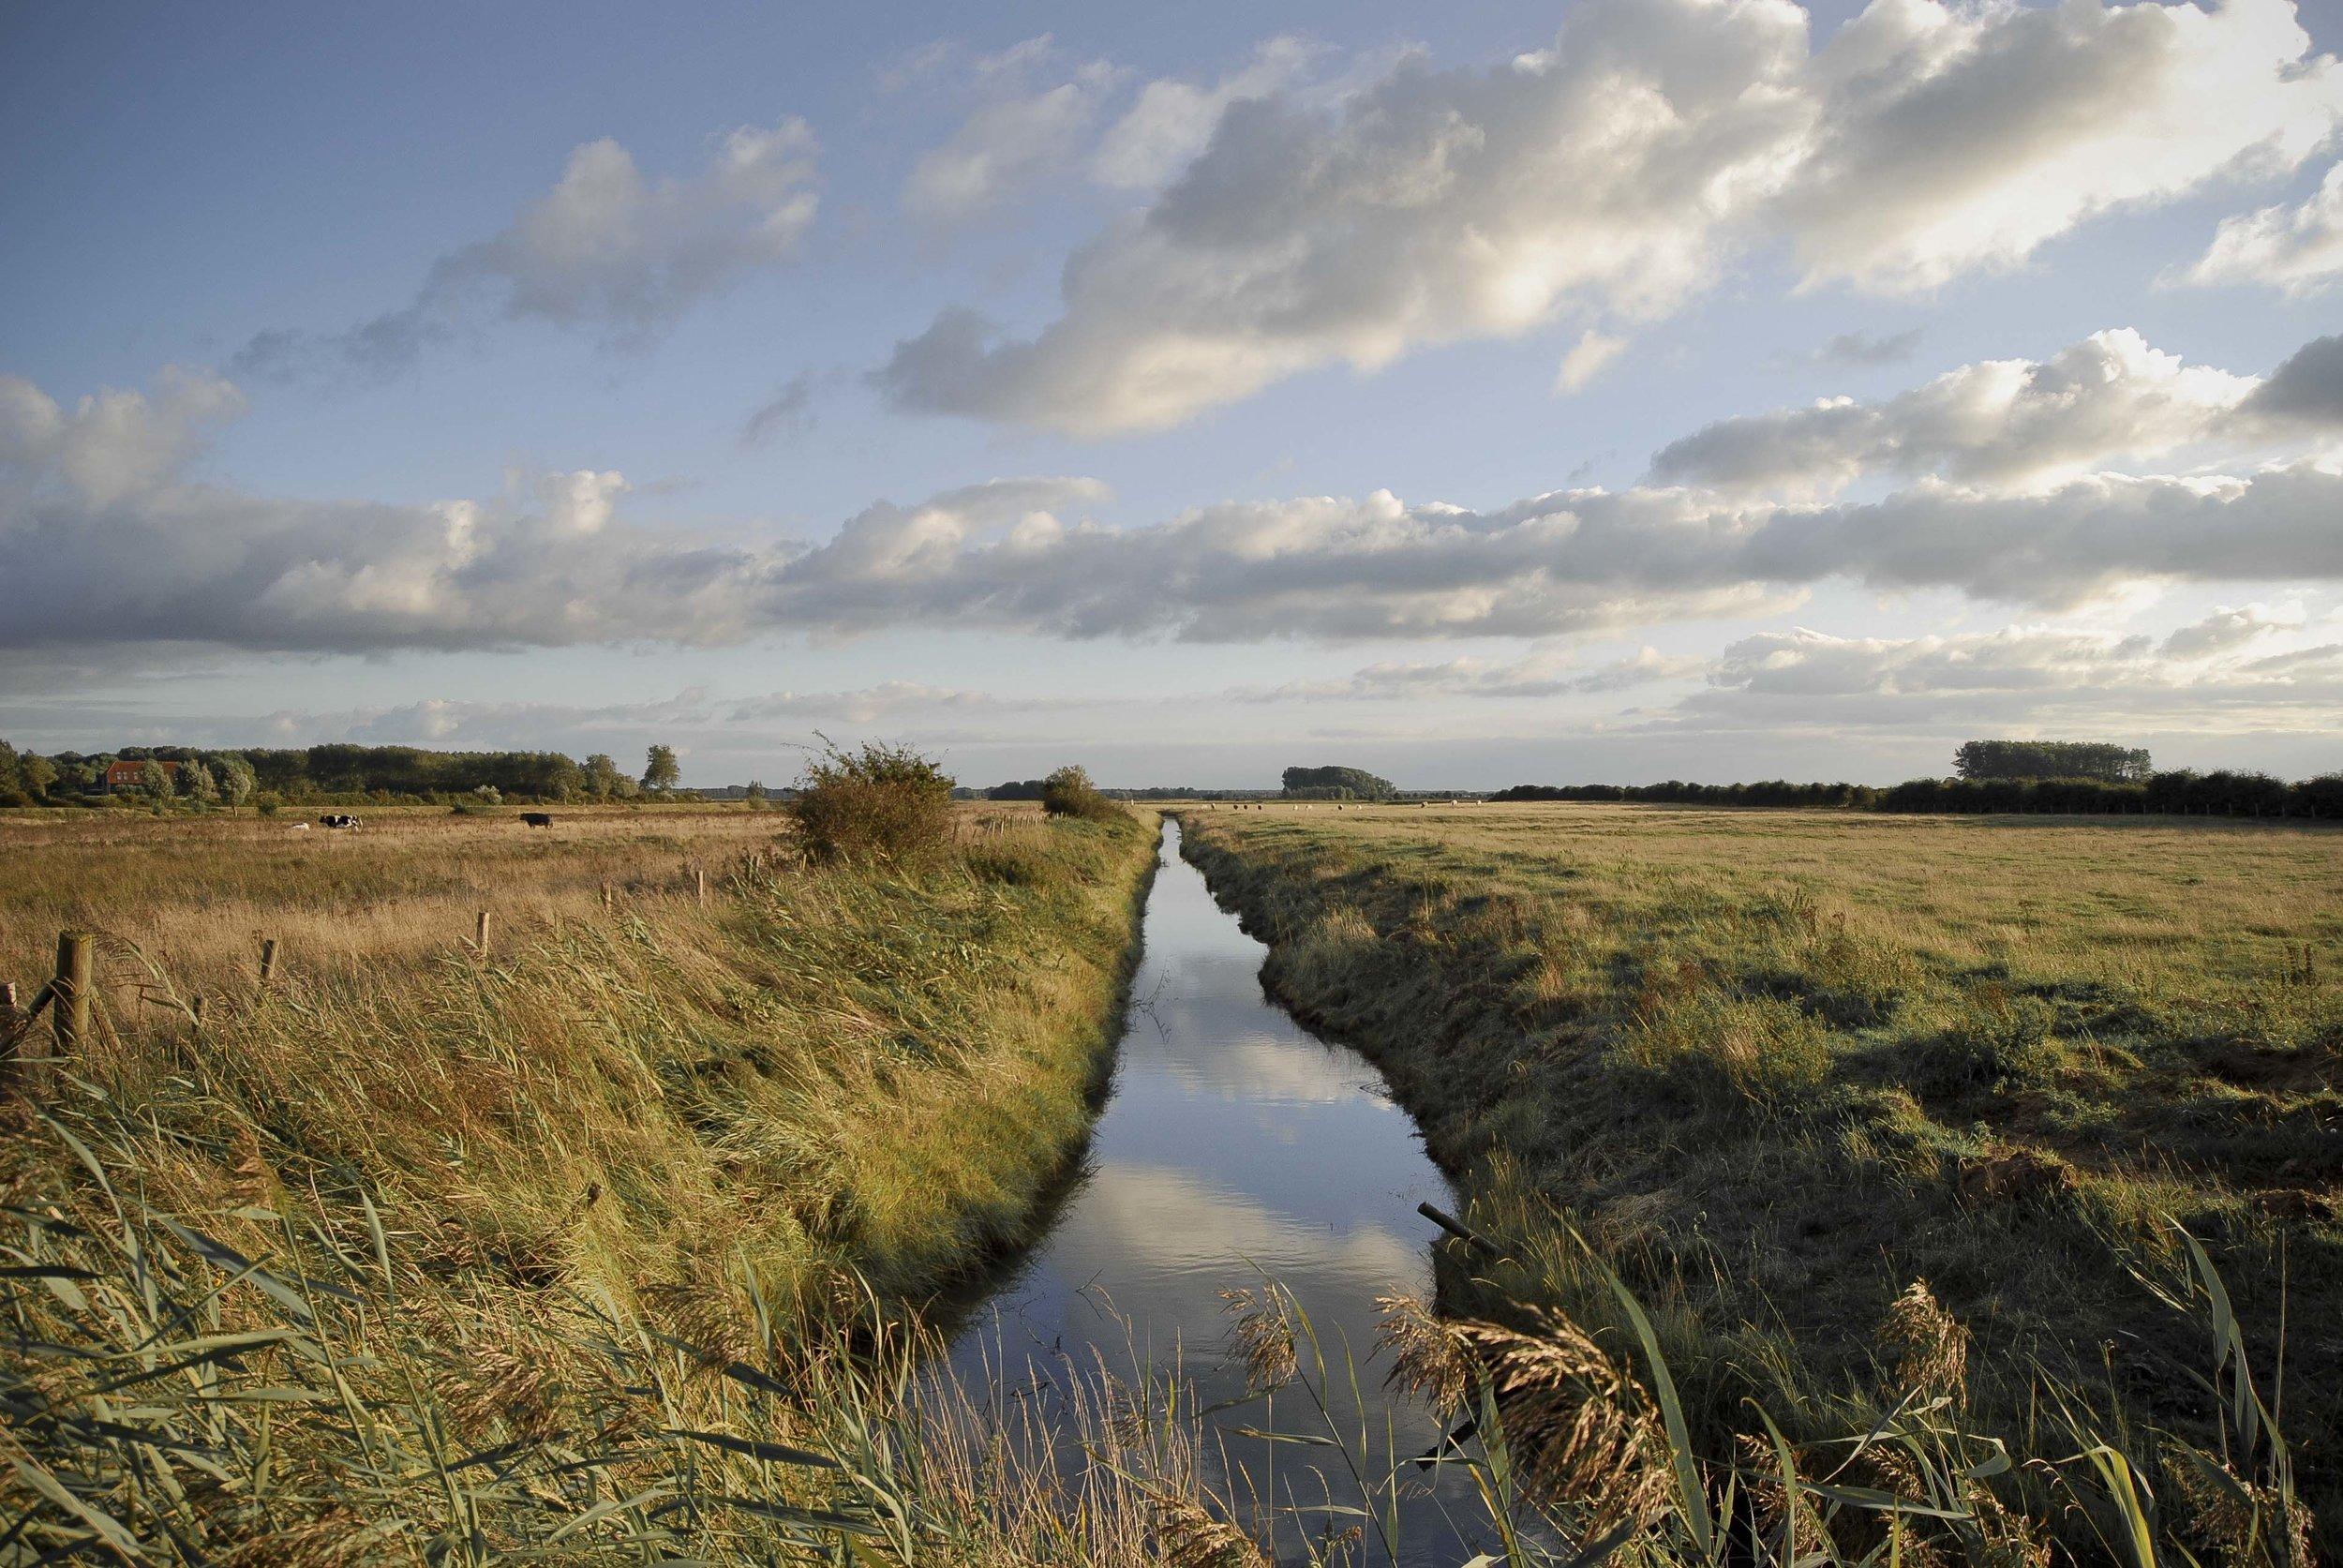 Stream in cow field